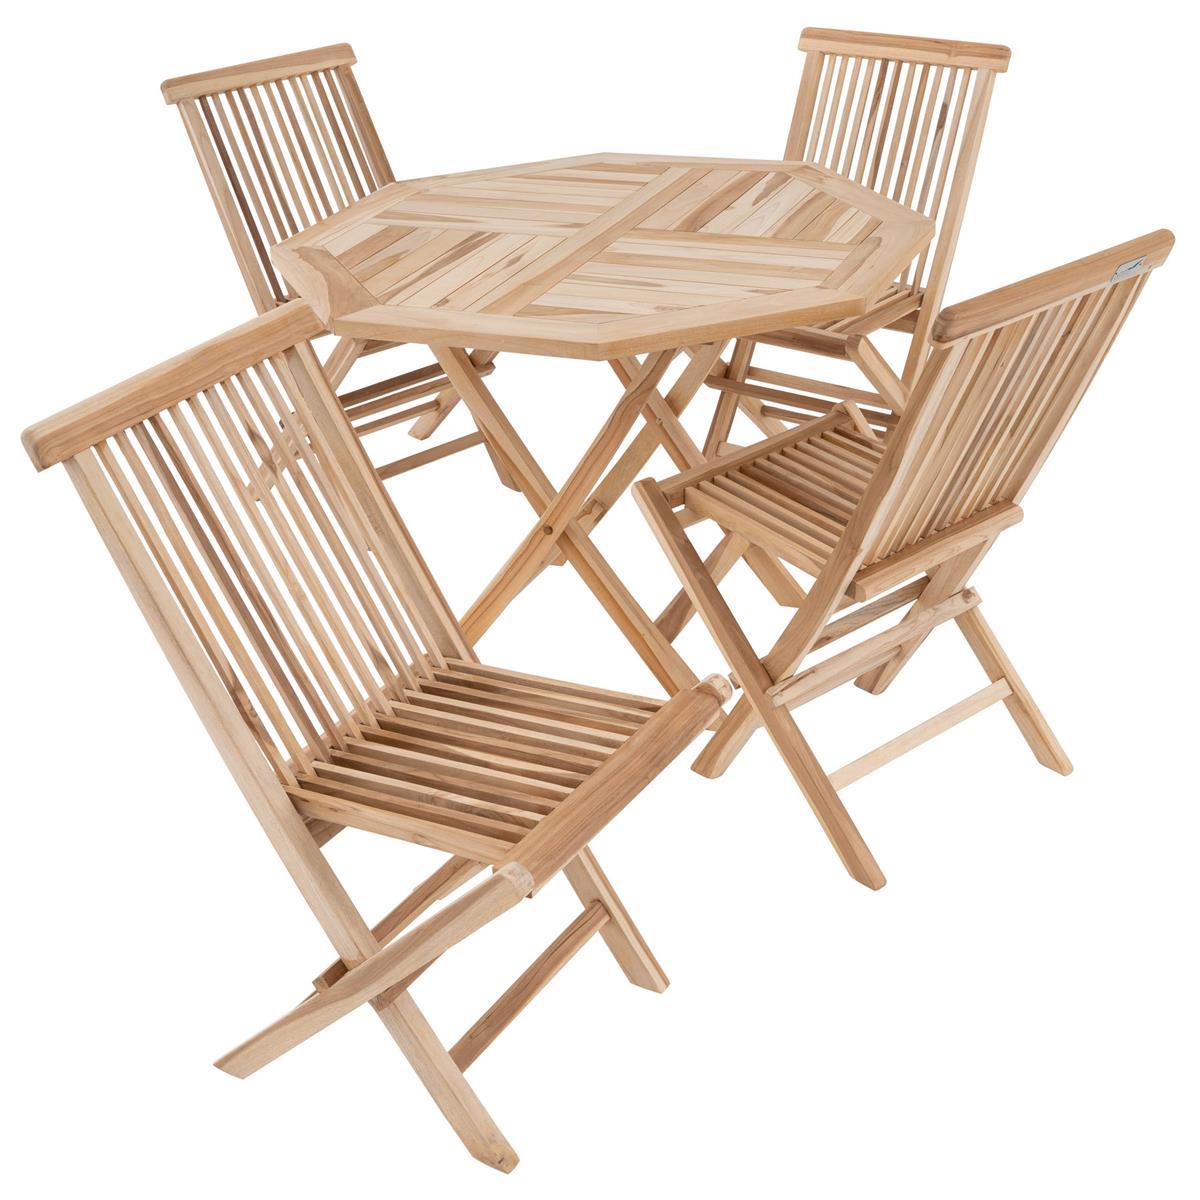 DIVERO Set Gartenmöbel Sitzgruppe Teakholz natur Stühle Tisch achteckig Ø 100